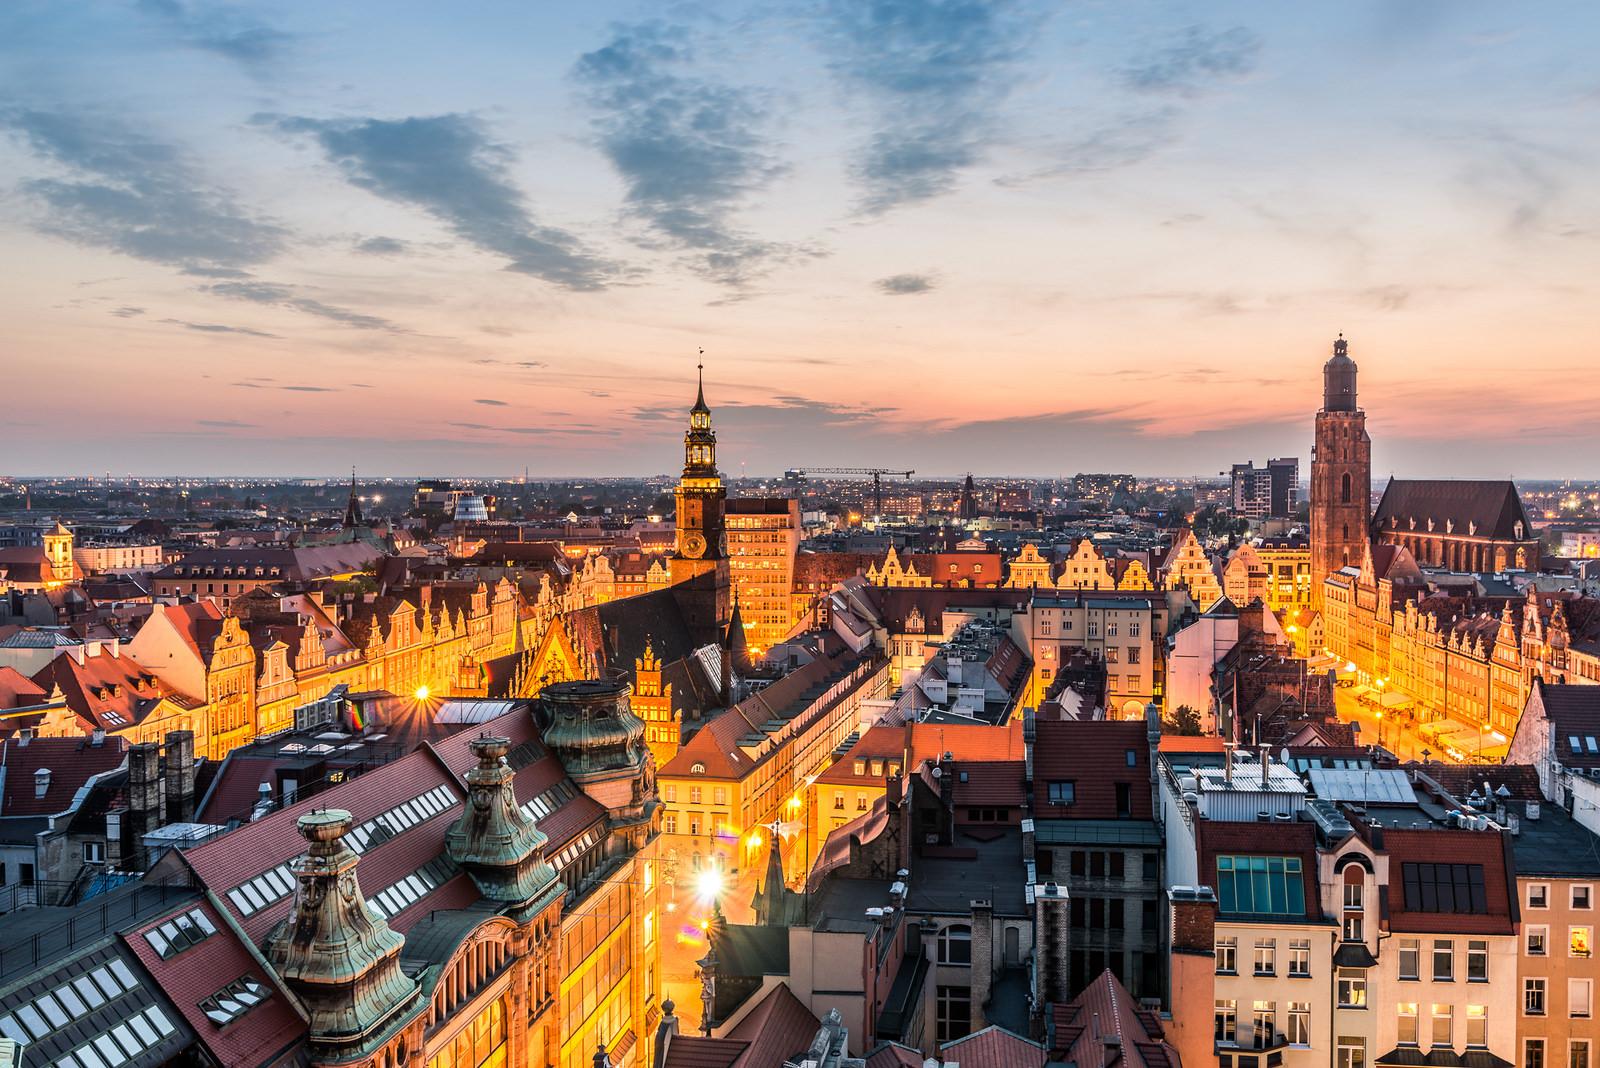 Stadtansicht aus Vogelperspektive von Breslau.